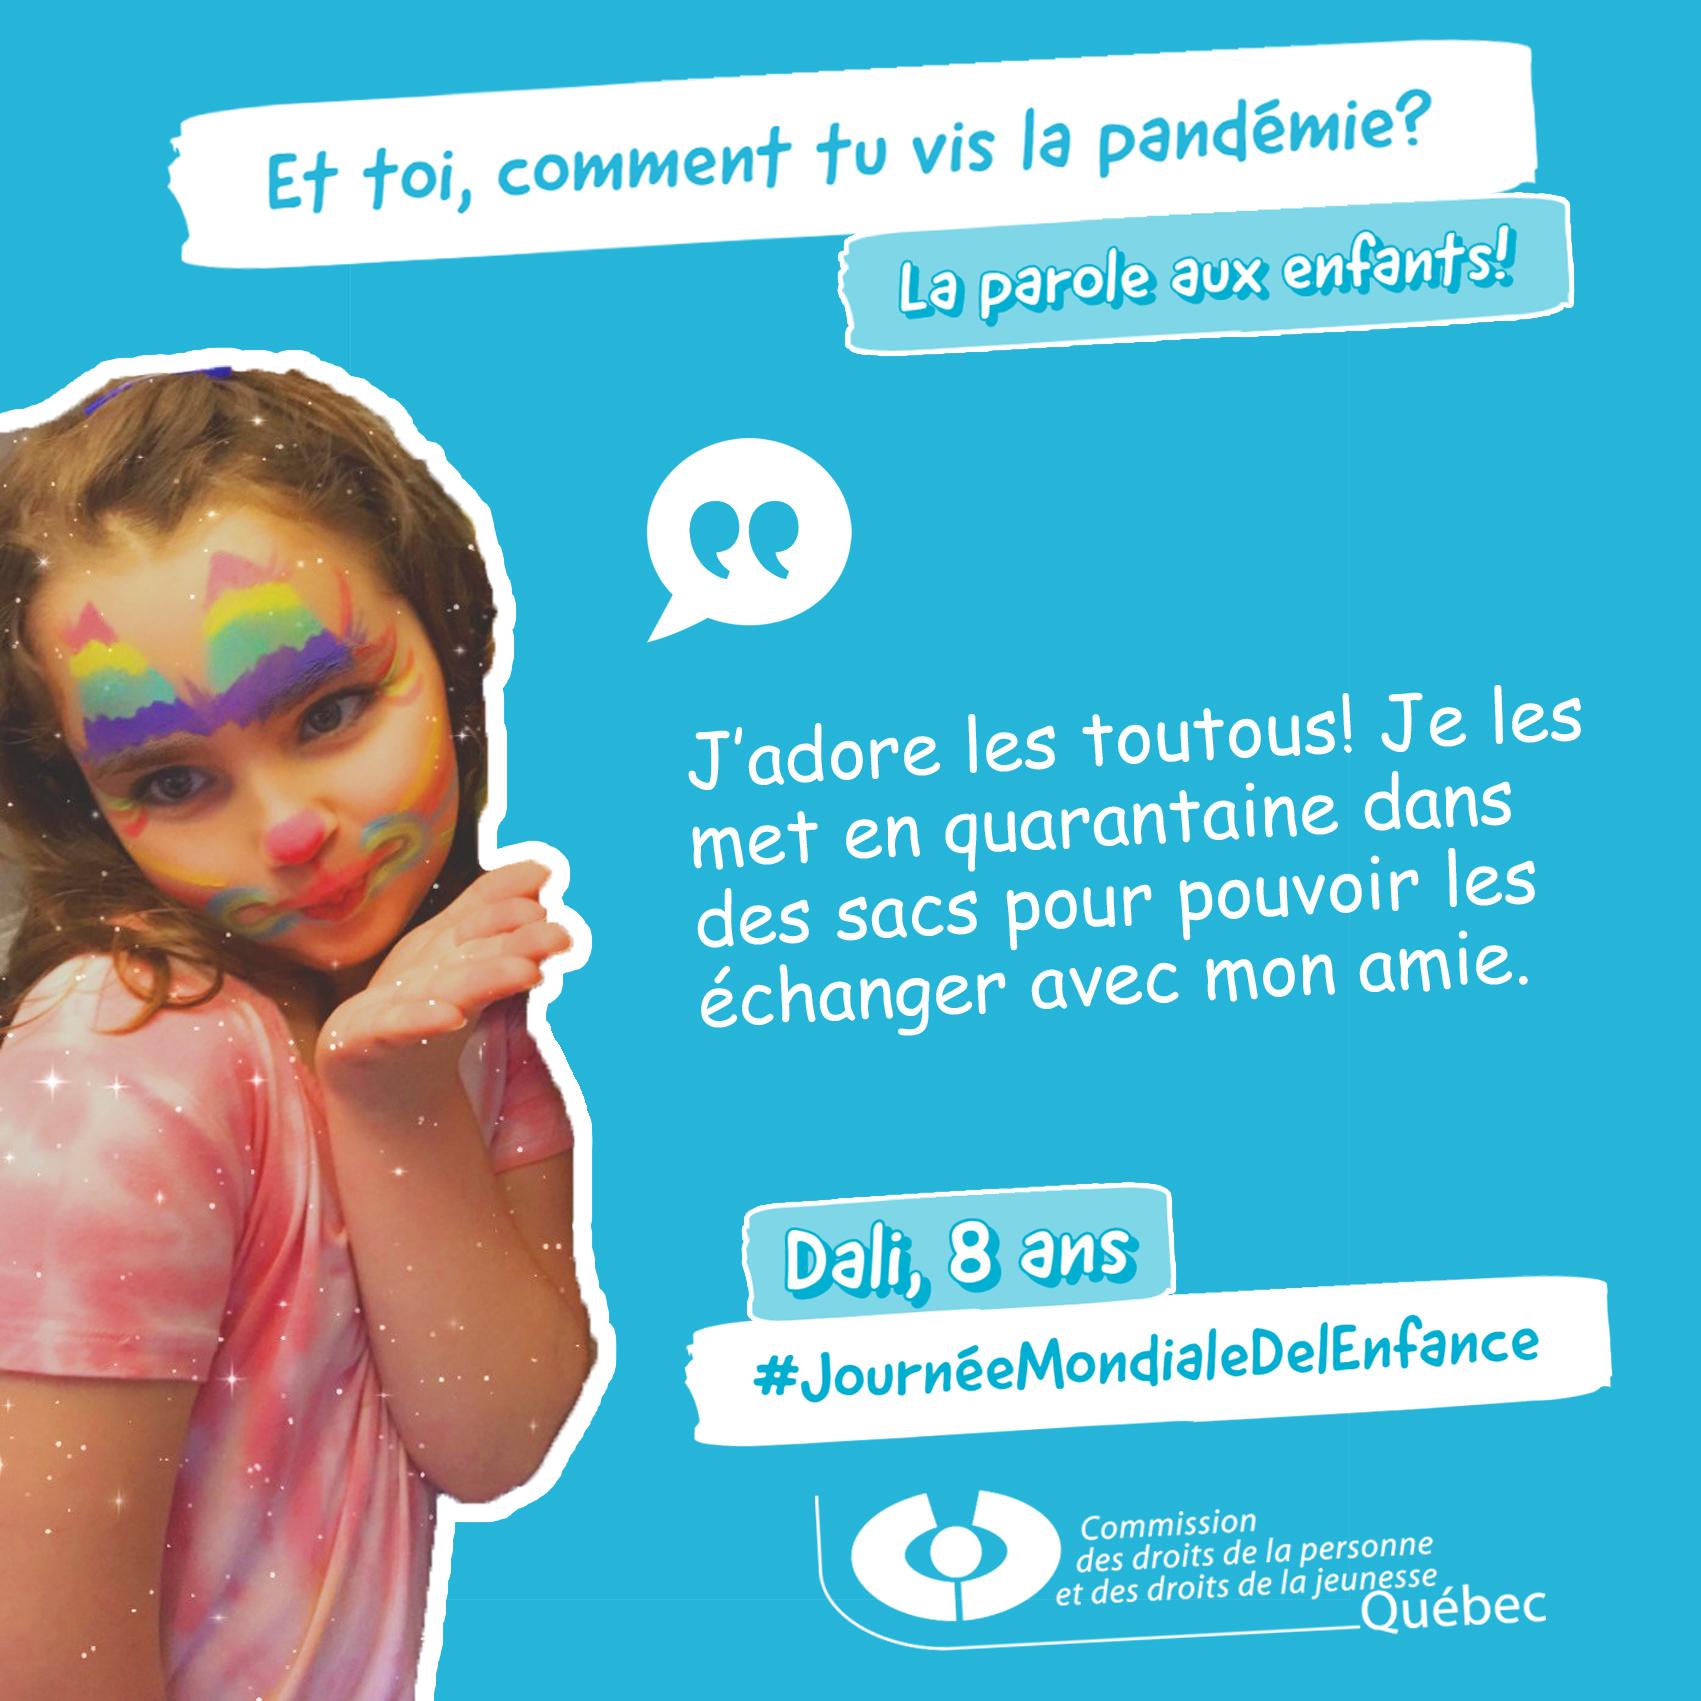 Photo et citation de Dali qui répond à la question Et toi, comment tu vis la pandémie?